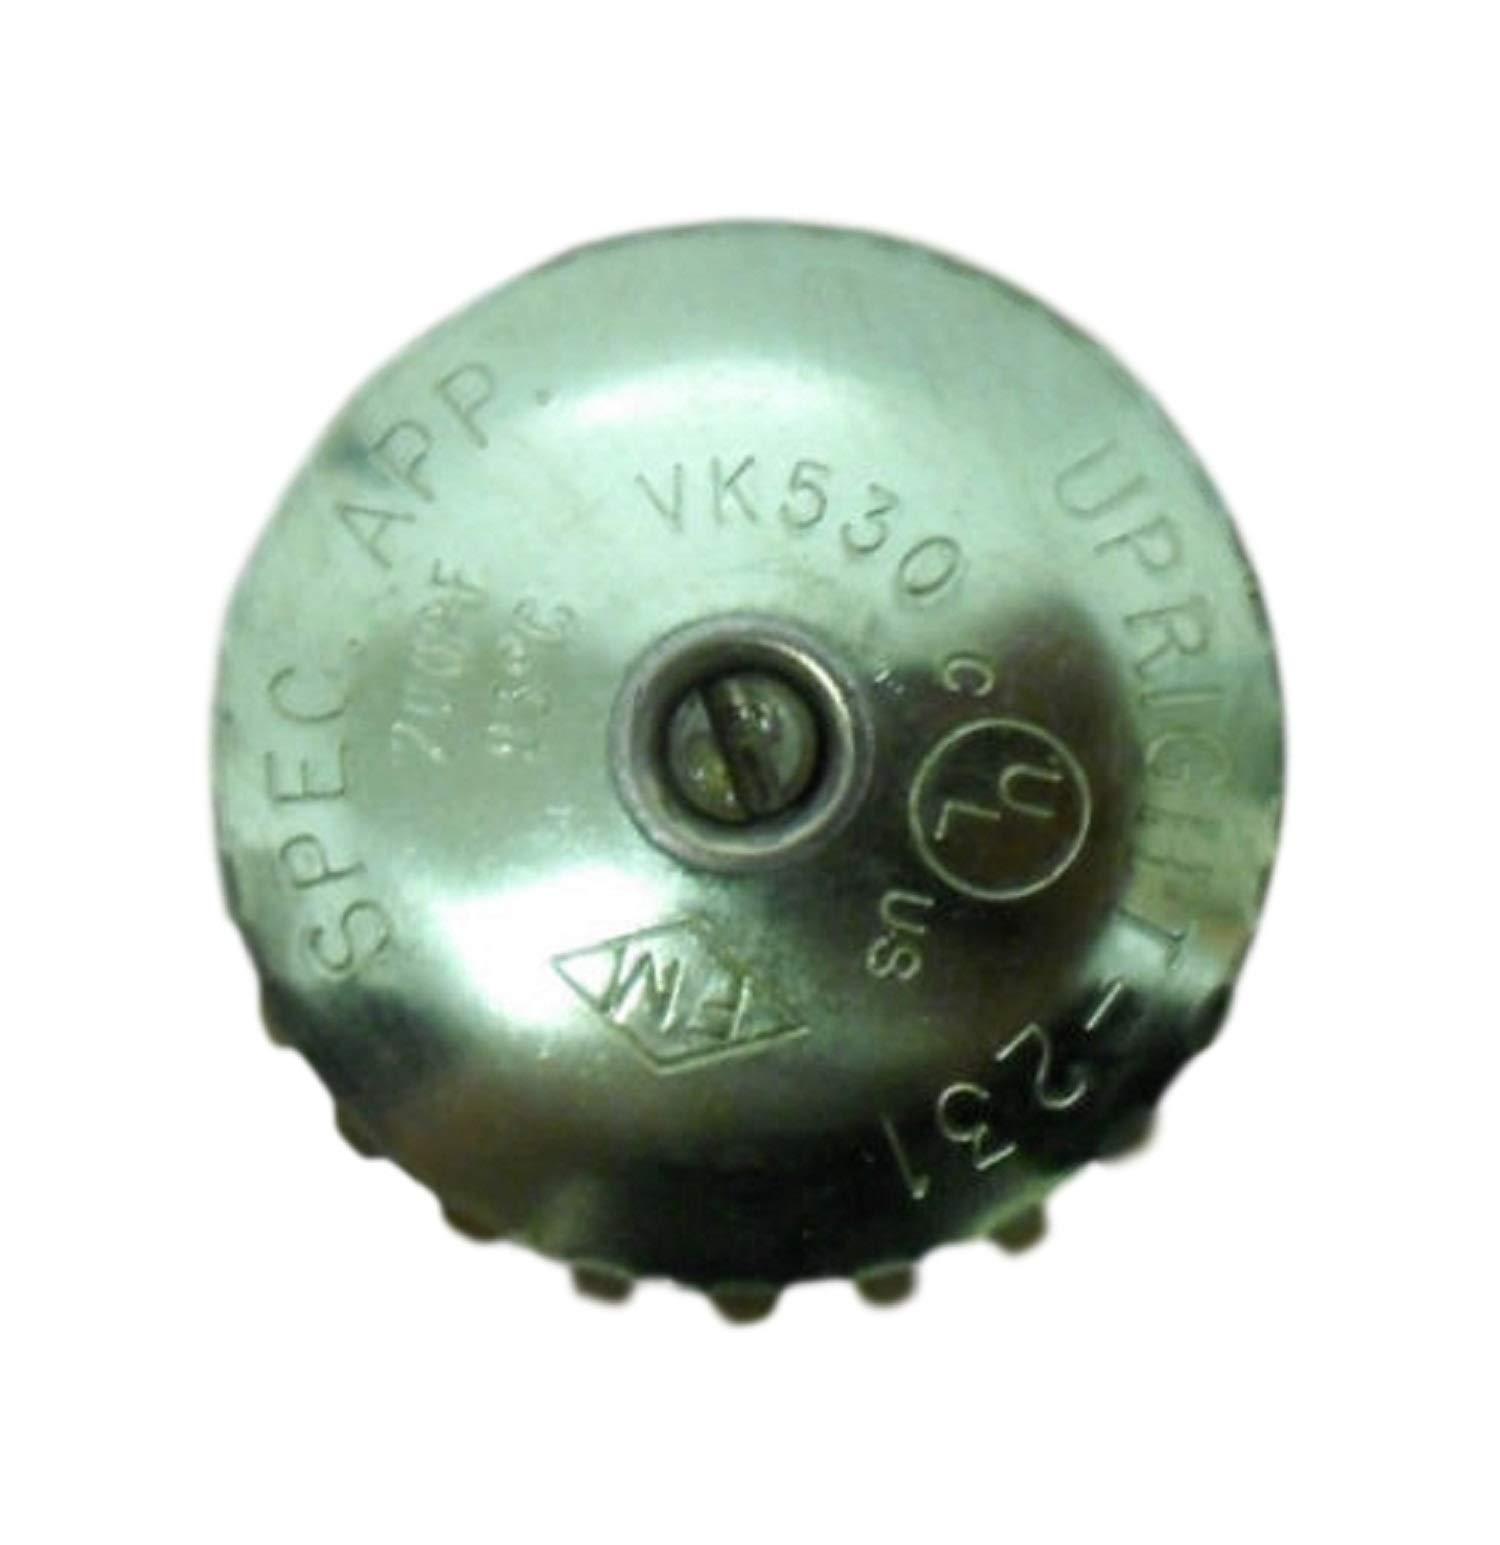 Viking 09679AE 231 Upright Sprinkler - 3/4'' NPT Specific Application Glass Bulb